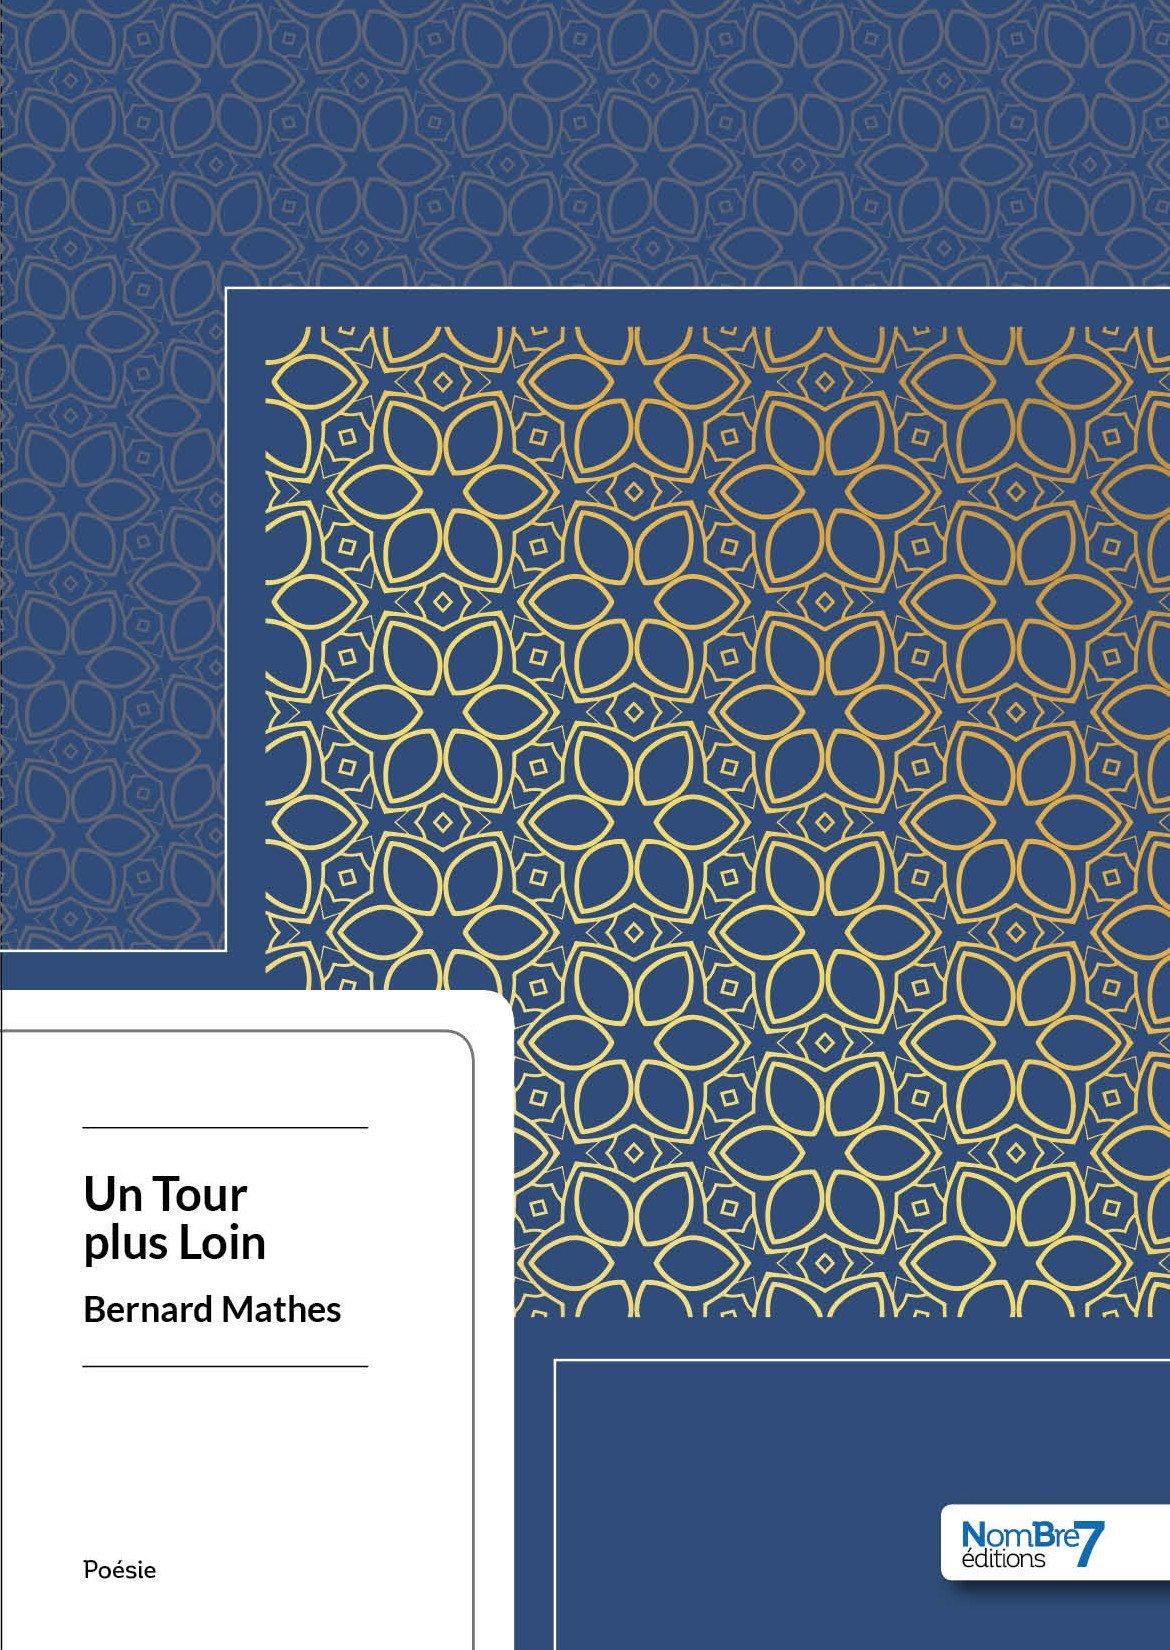 Un Tour Plus Loin Amazones Bernard Mathes Libros En